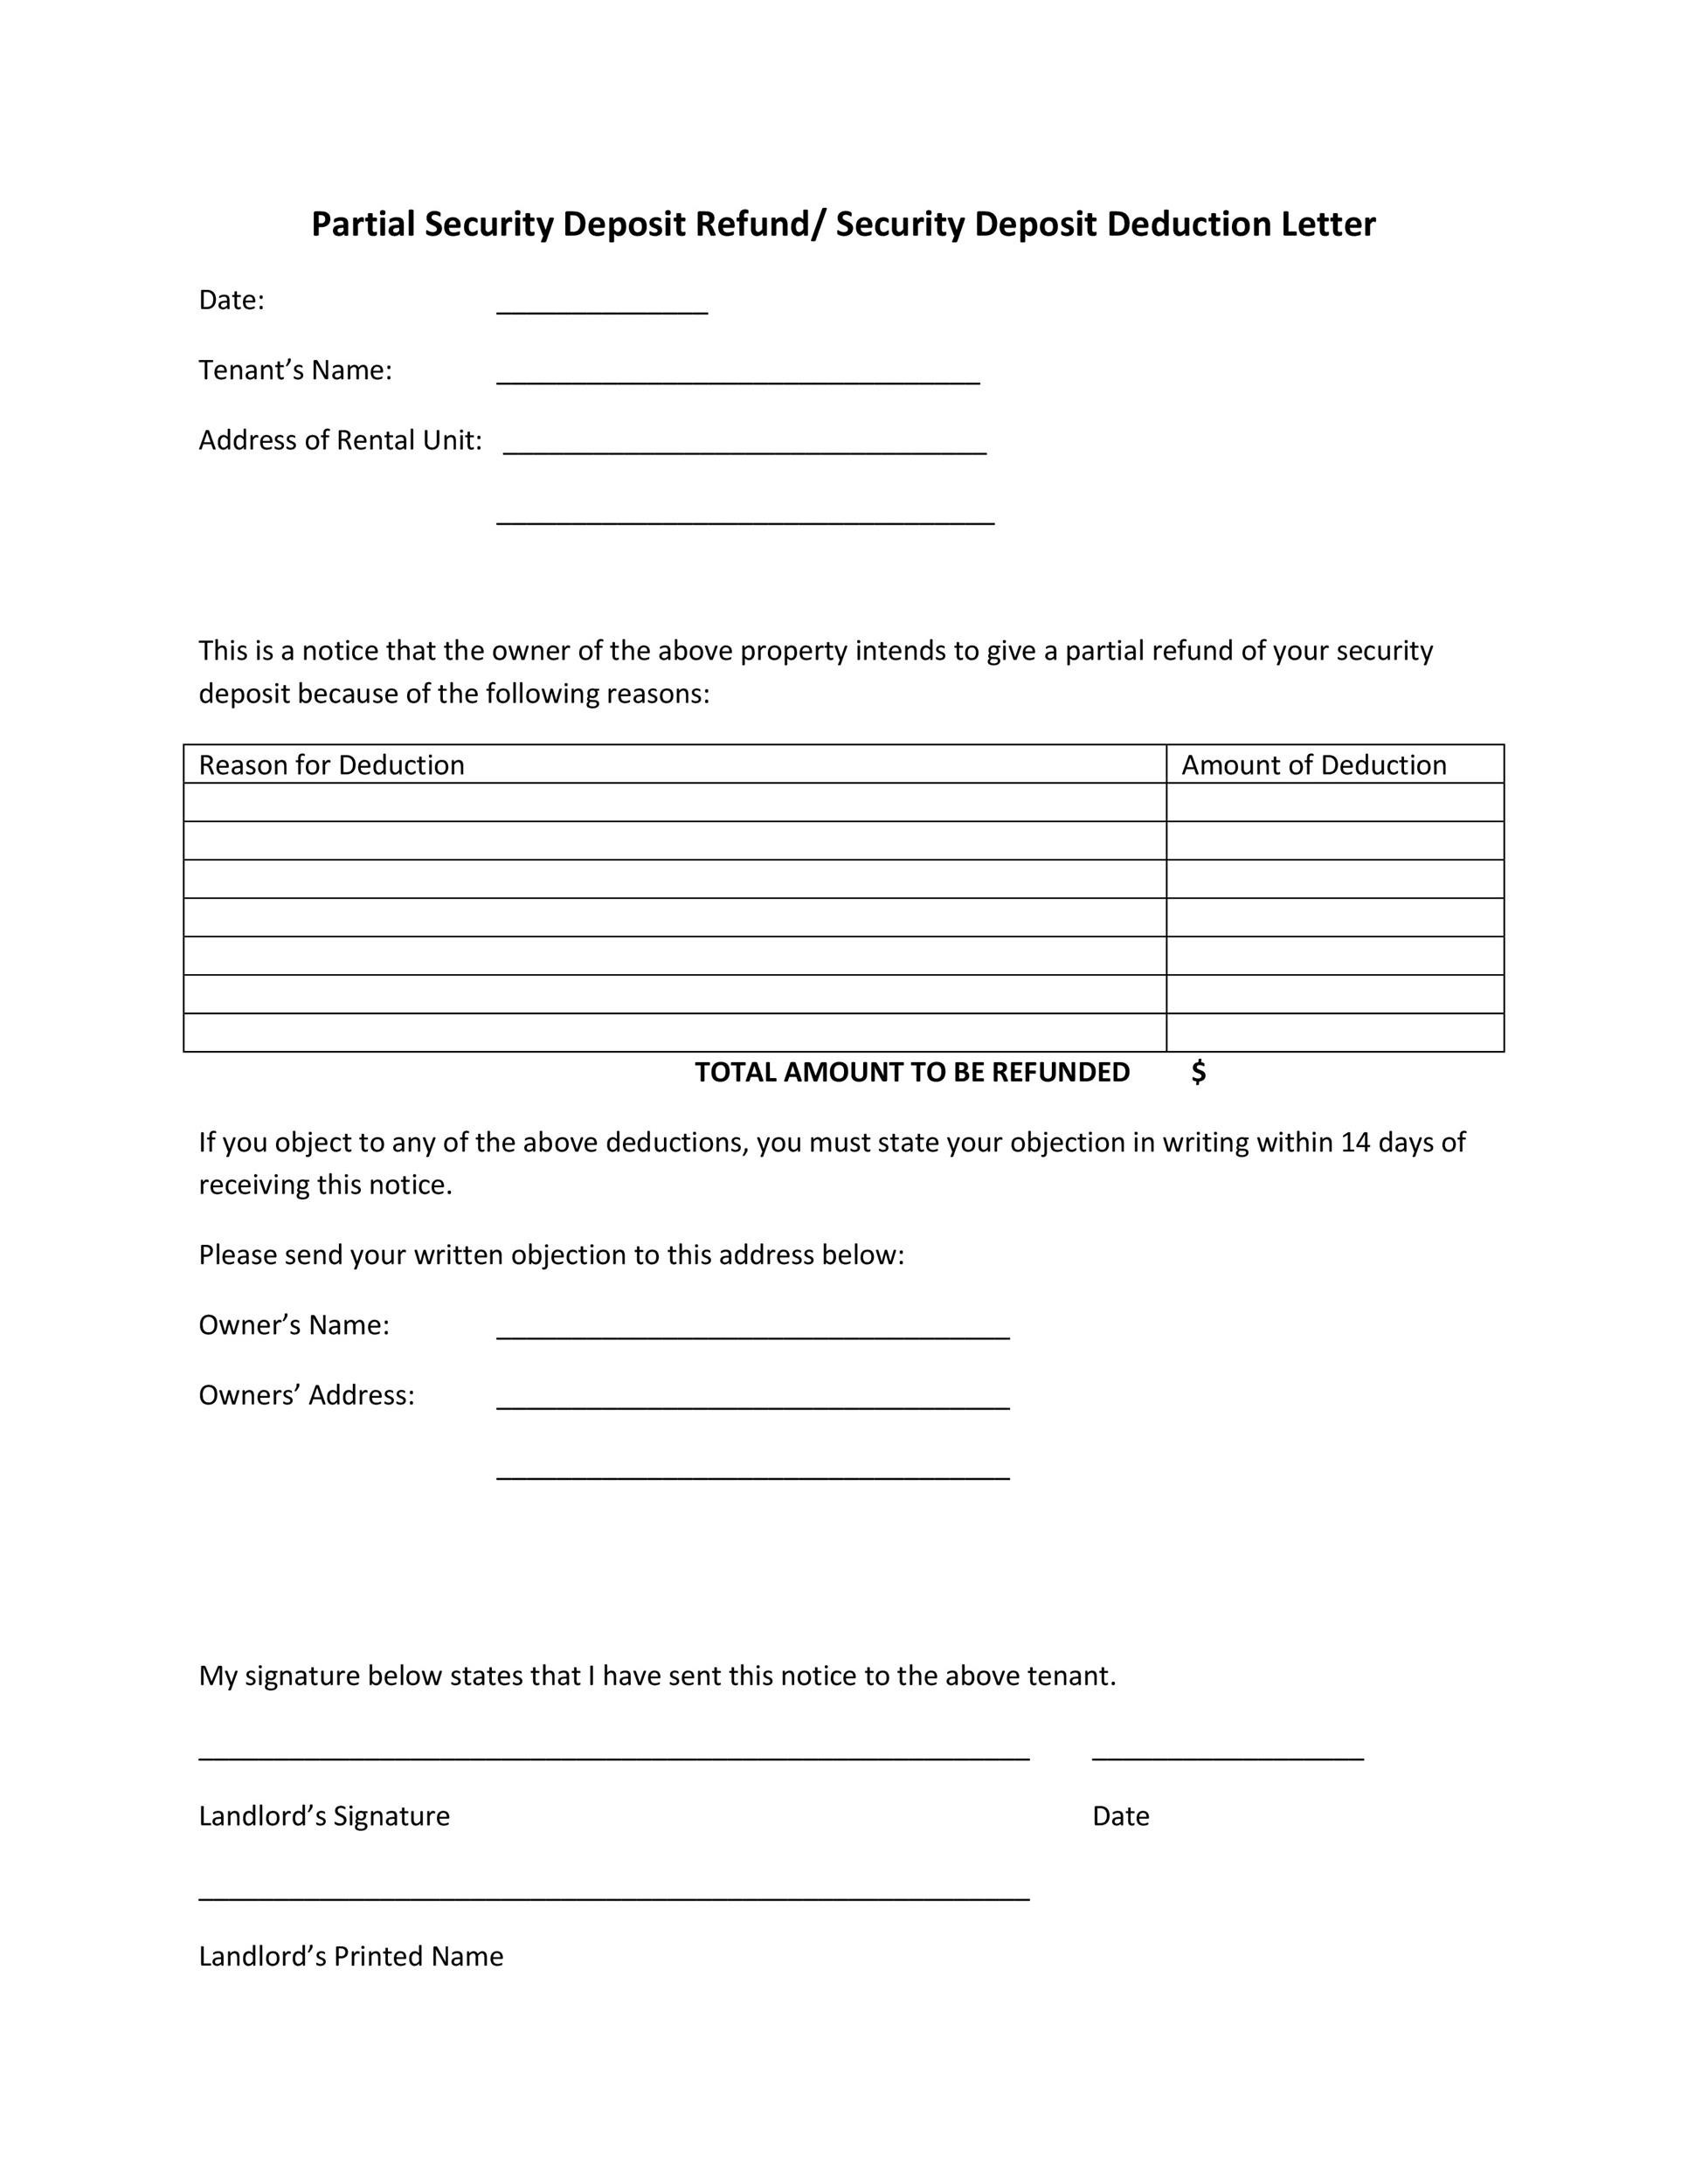 Free sample california security deposit dispute letter.